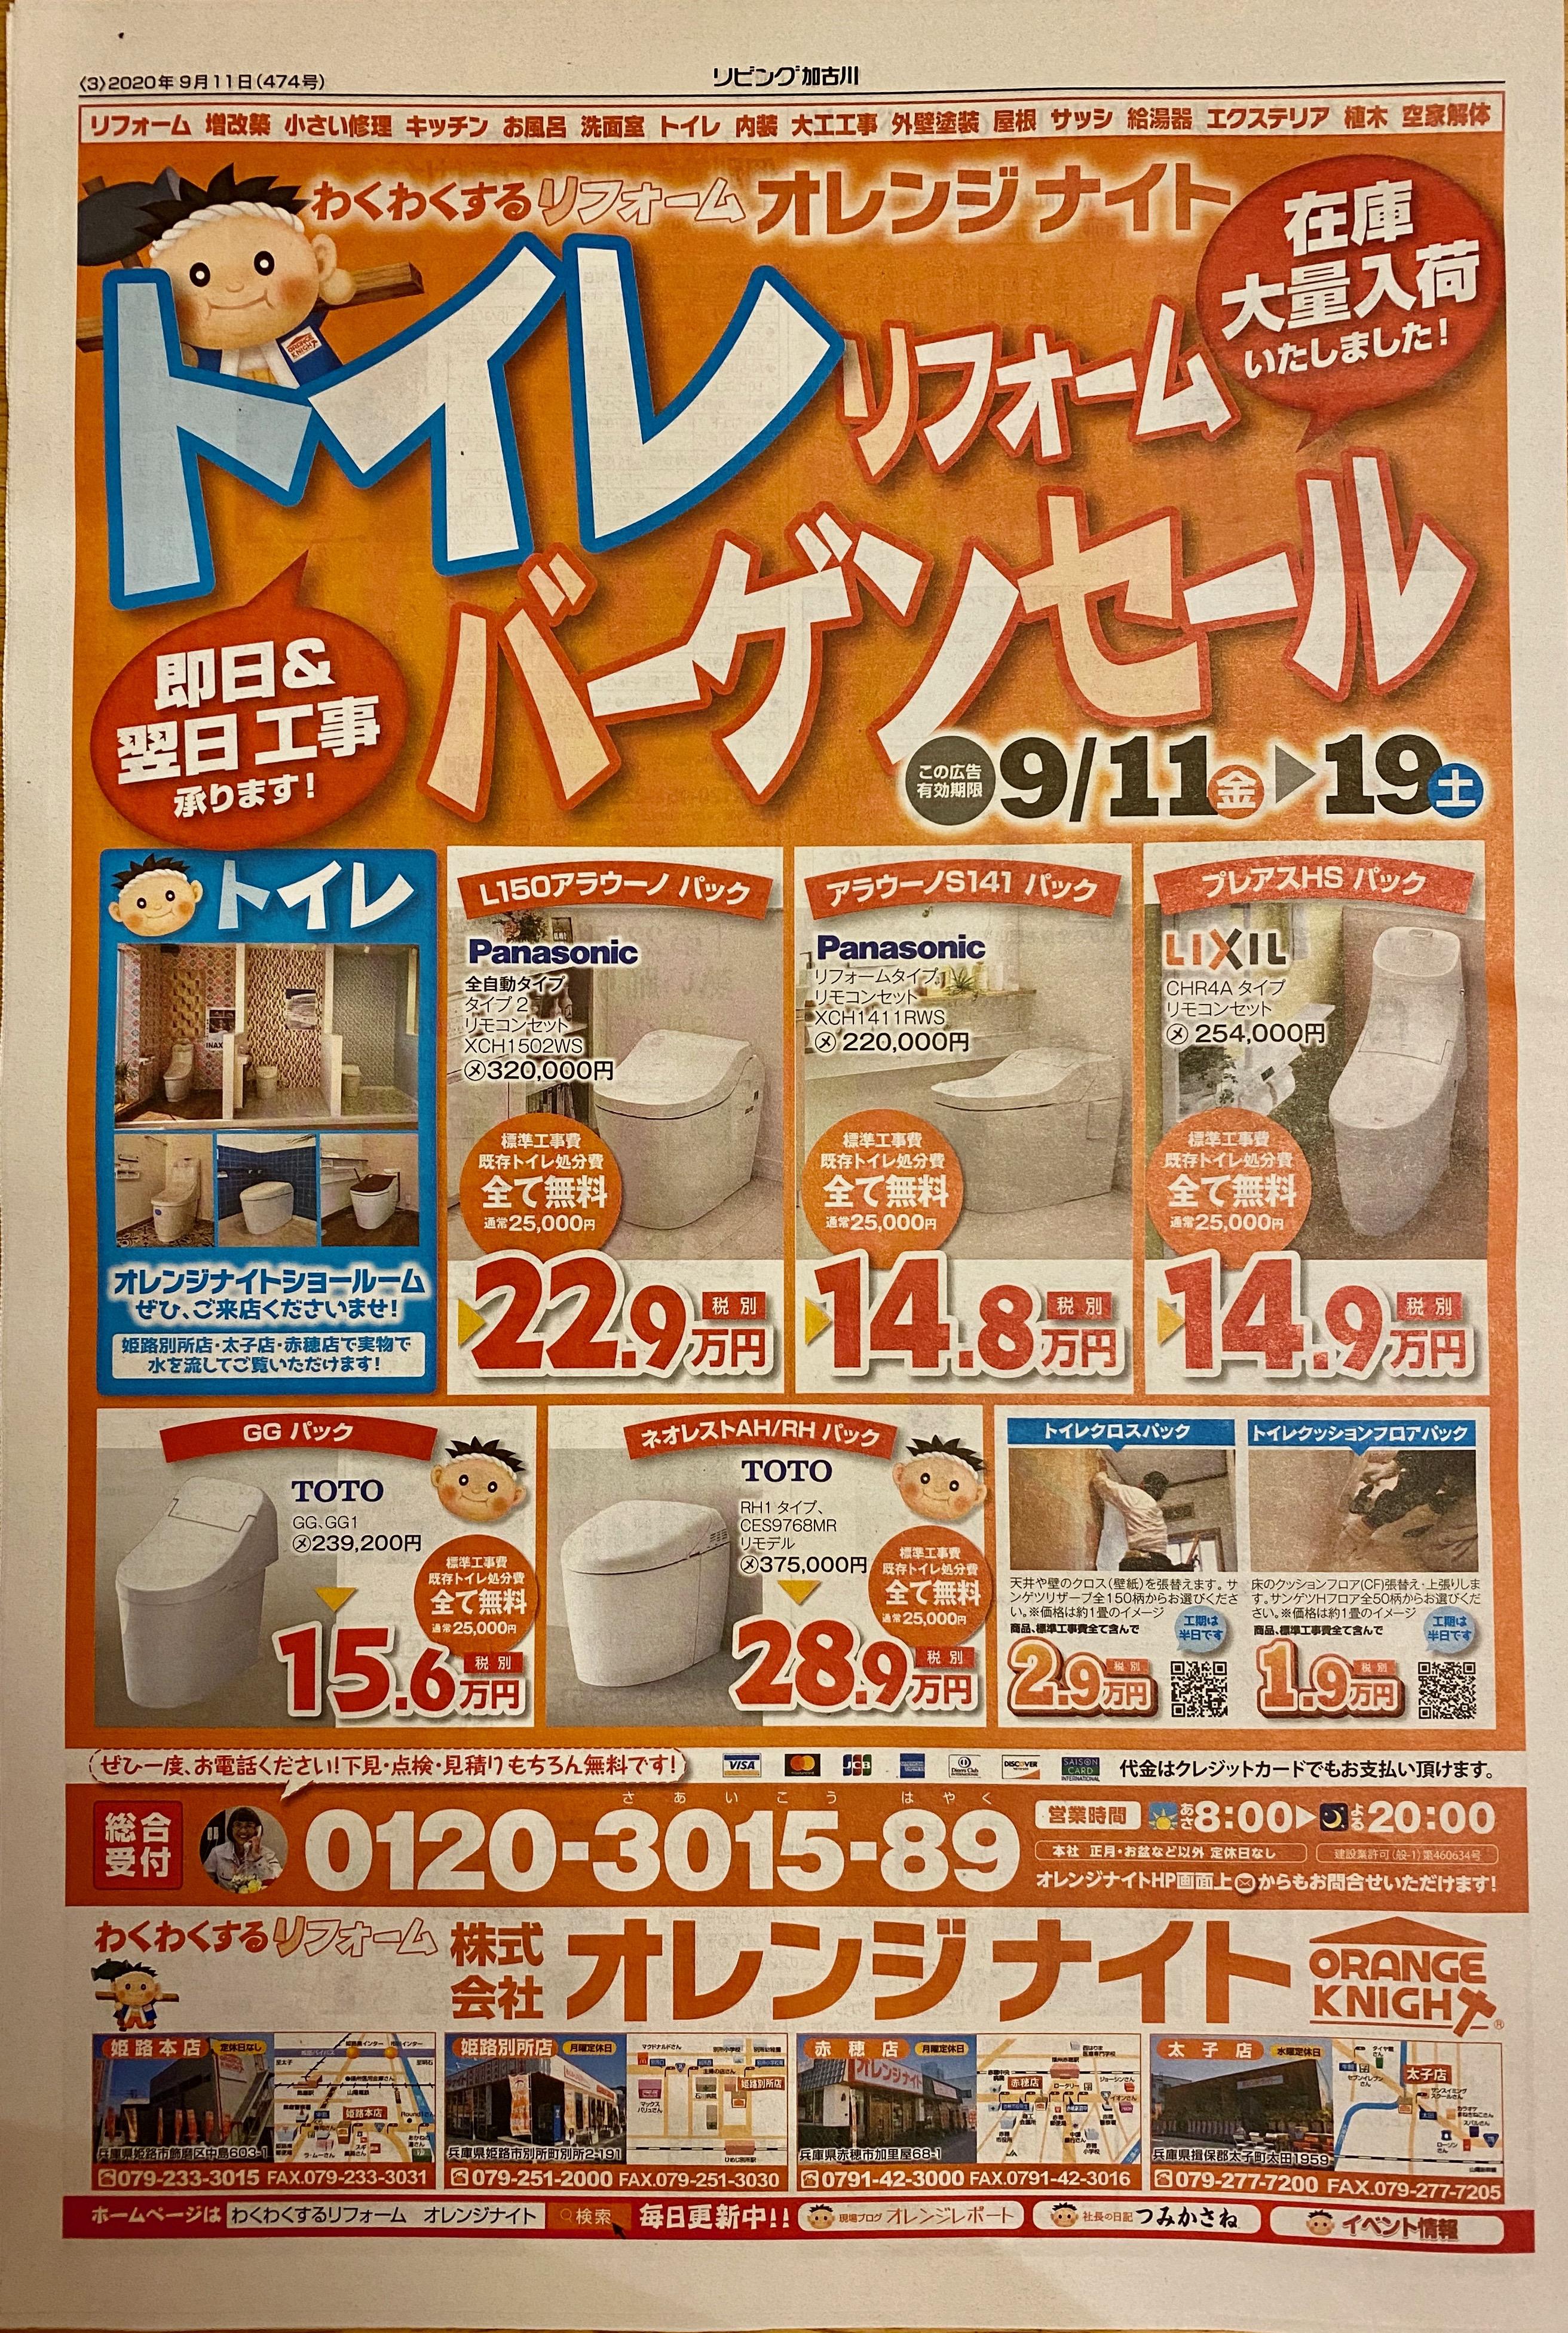 リビング姫路と加古川に広告掲載します!